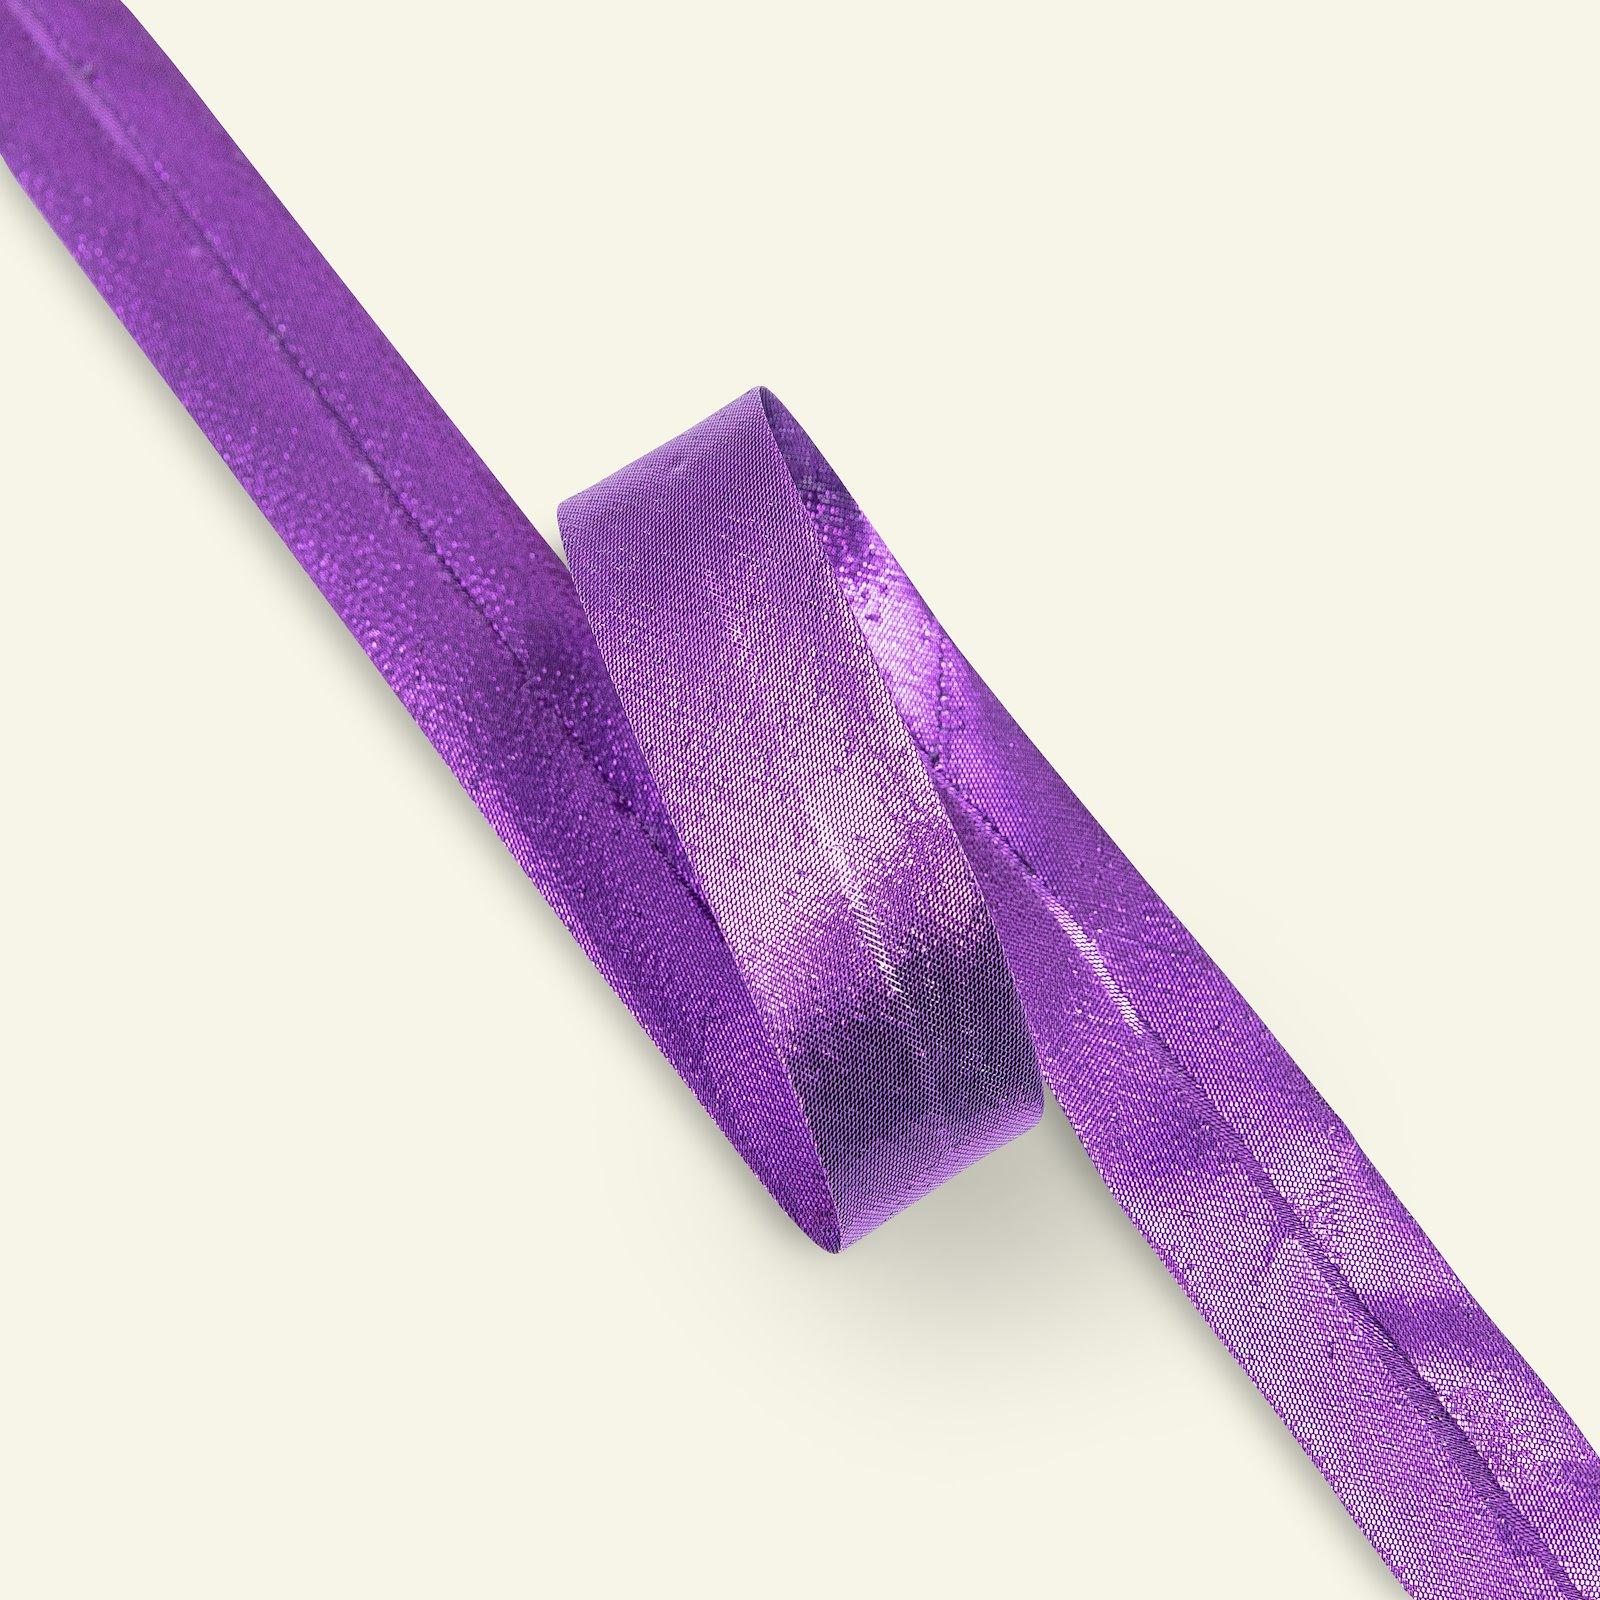 Bias tape LUREX 20mm purple metallic 3m 65065_pack